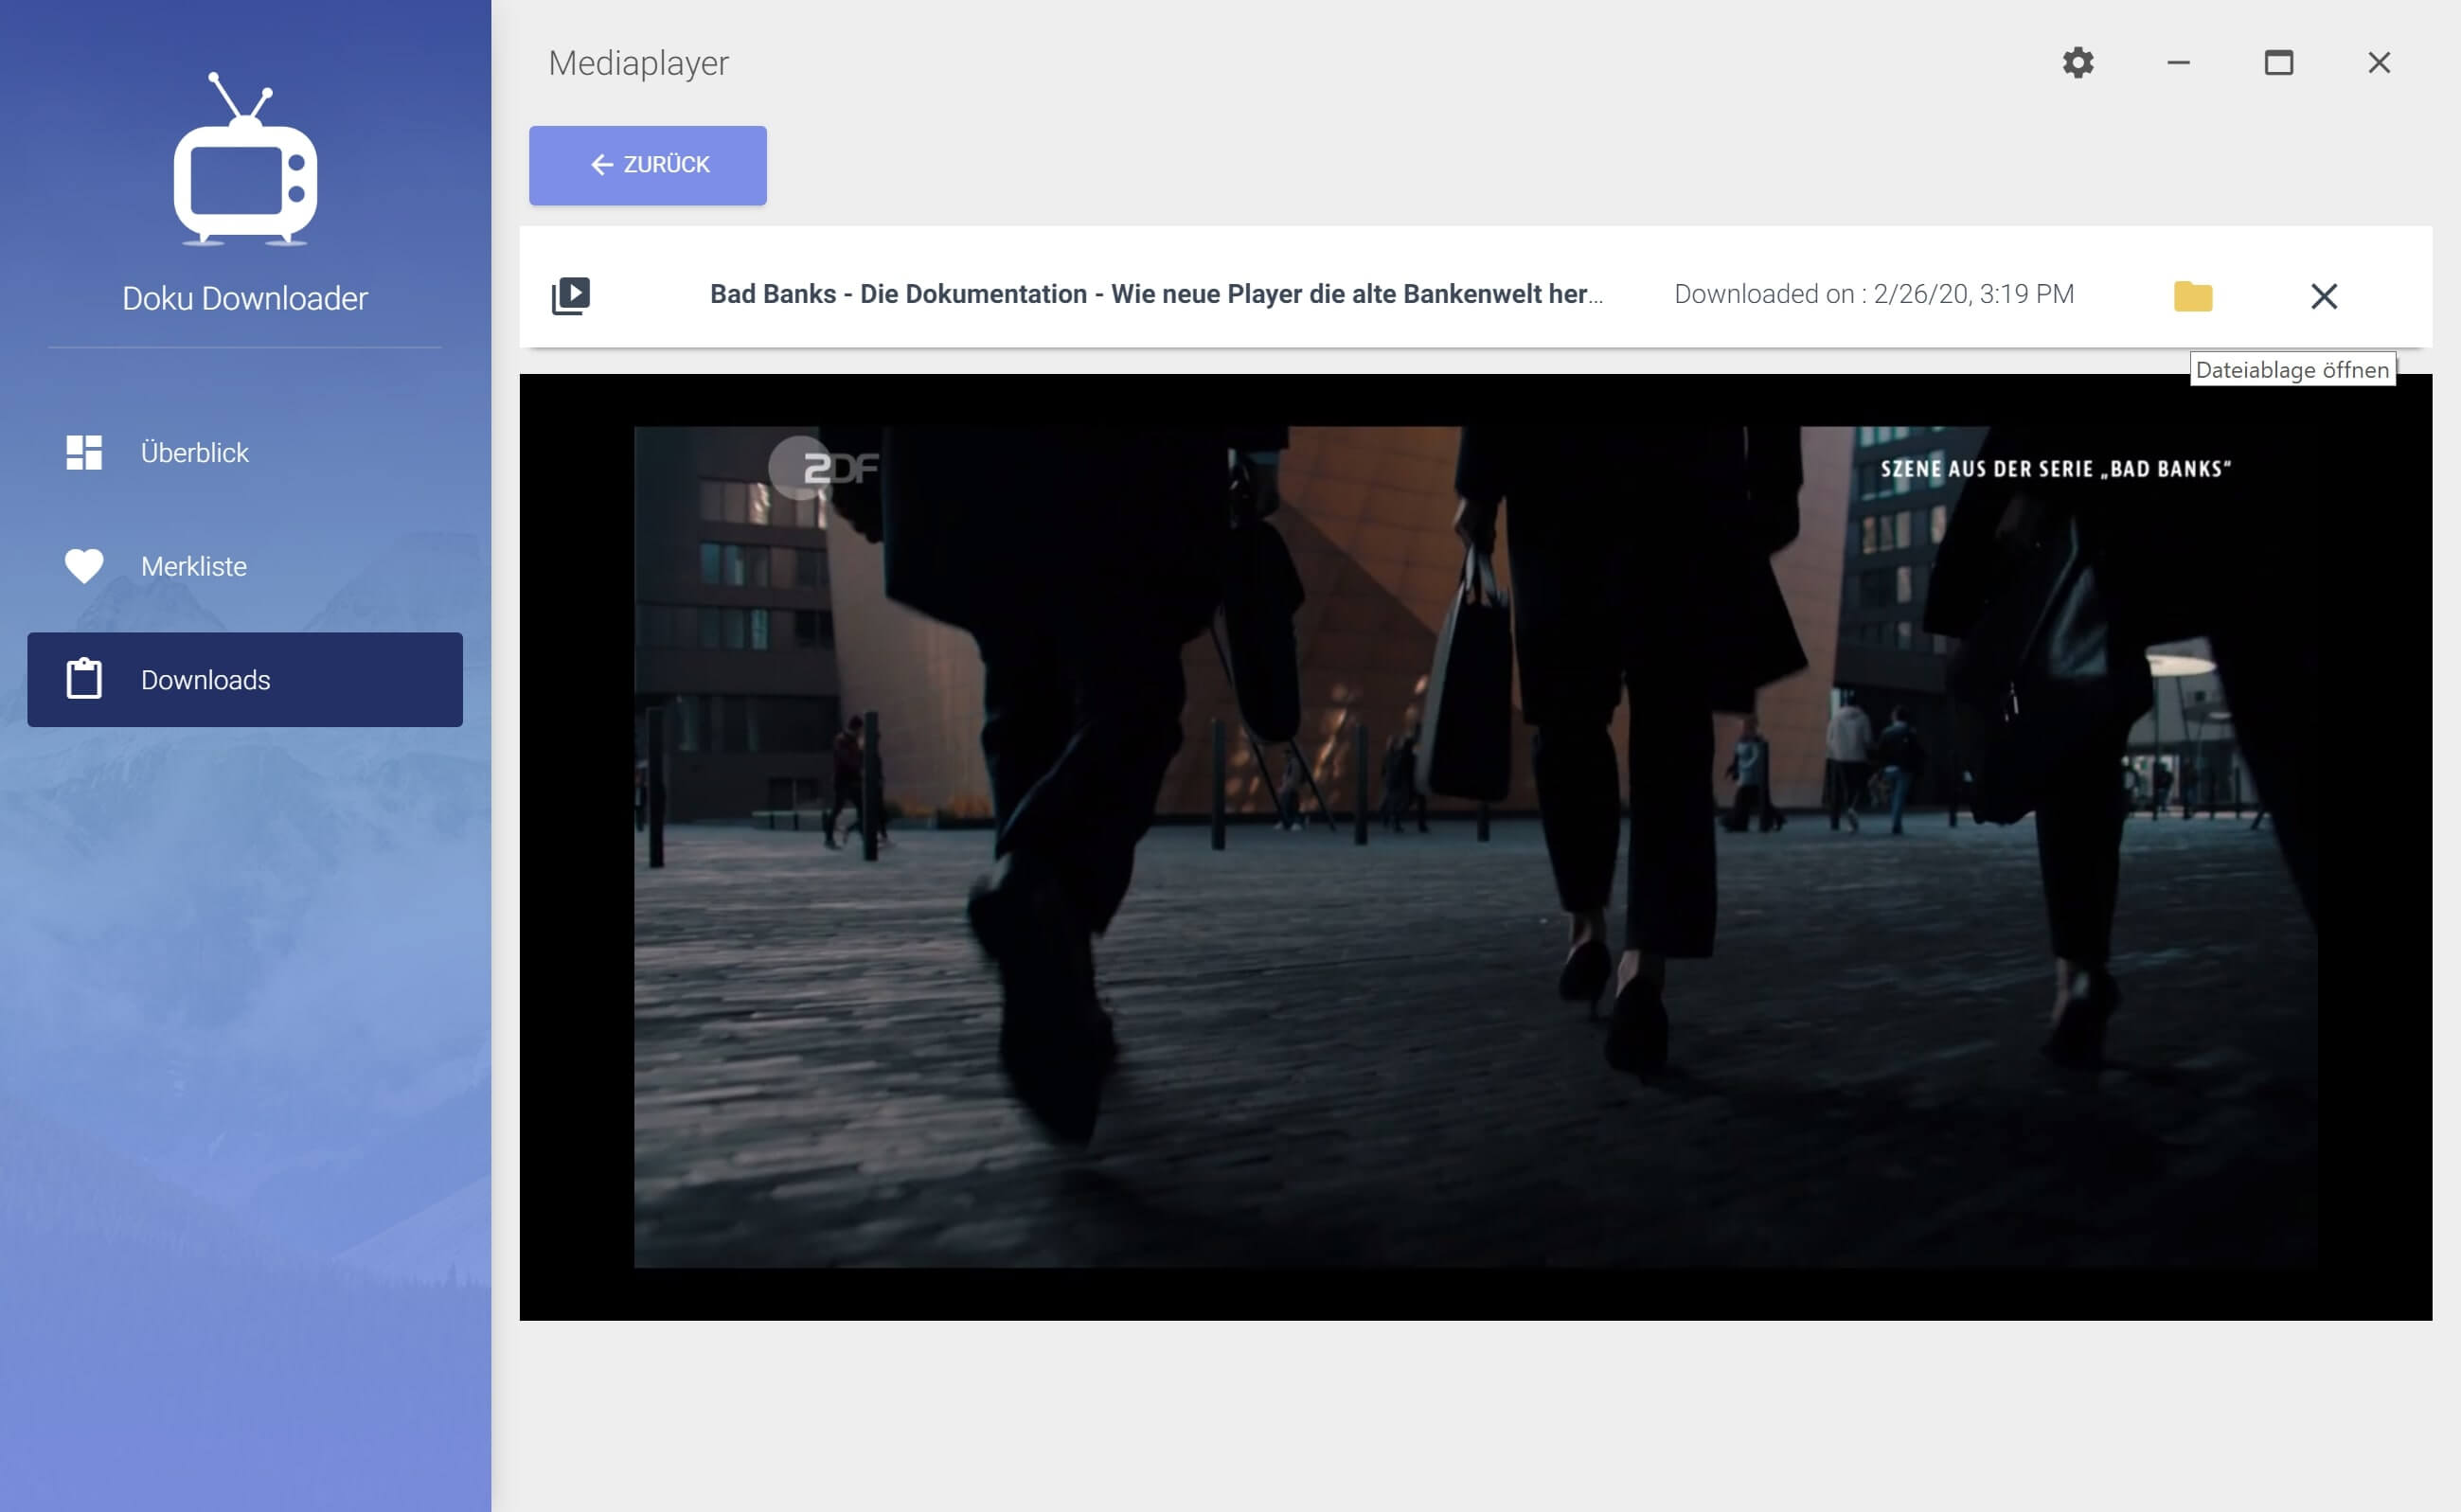 ZDF Dokumentationen aus Mediathek herunterladen - Doku ansehen